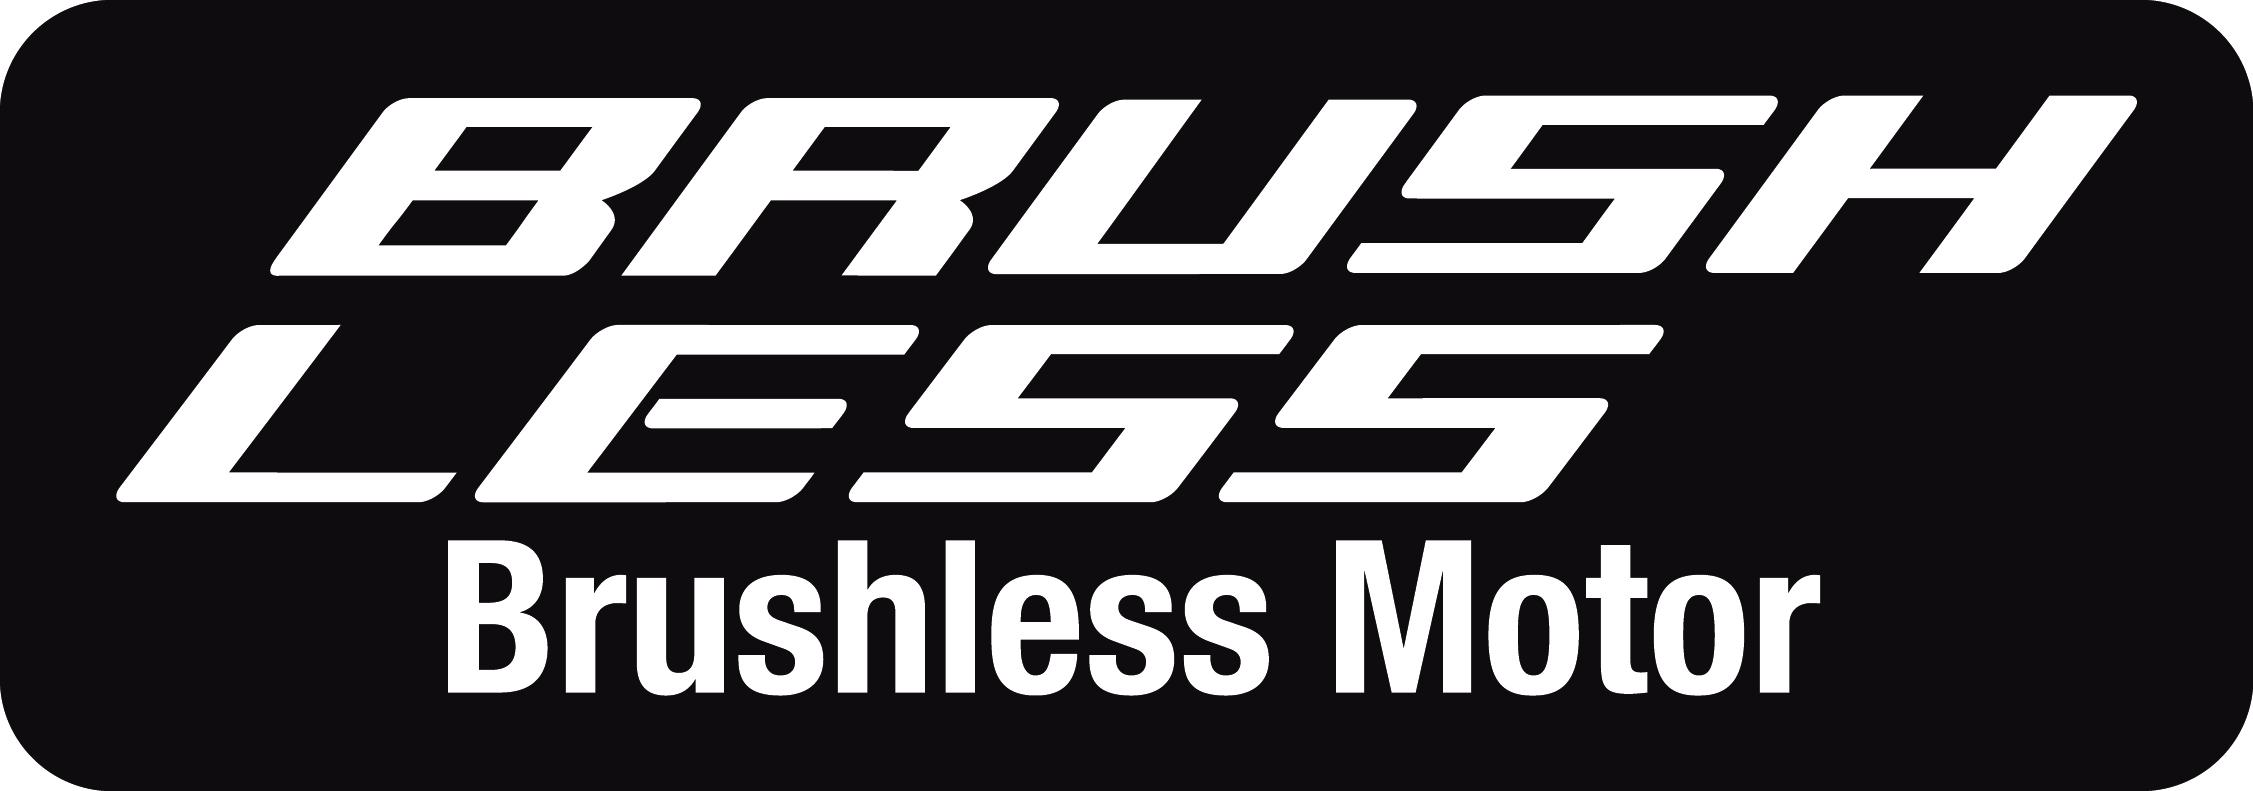 brushless.jpg